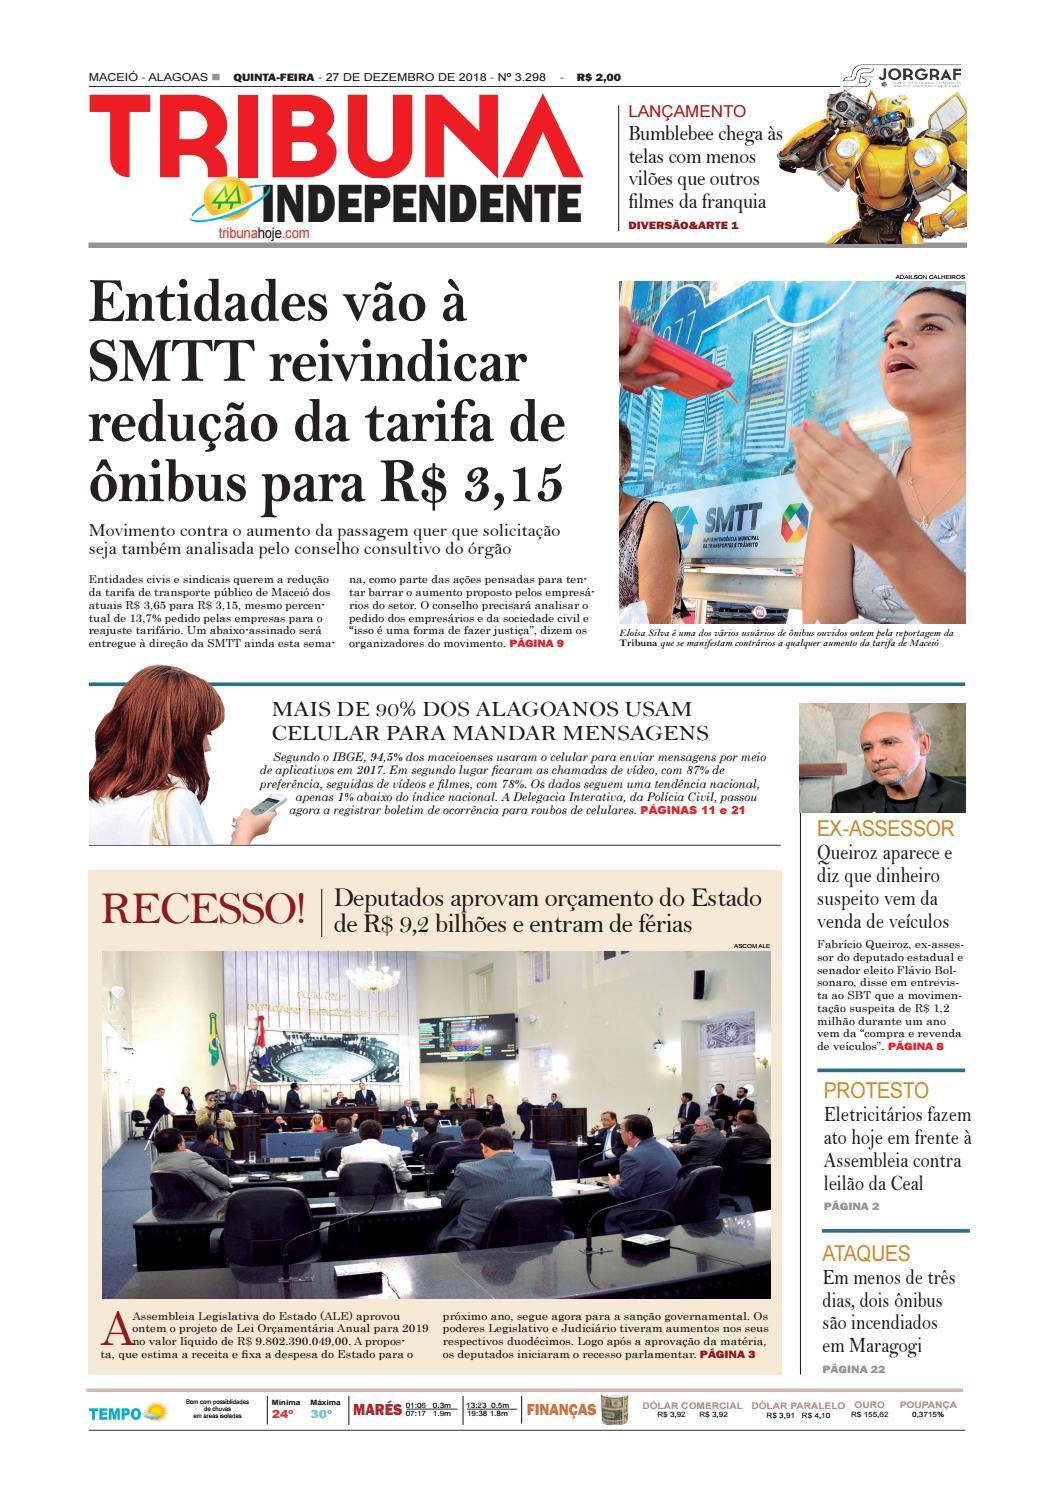 2eea6a5e208d8 Edição número 3298 - 27 de dezembro de 2018 by Tribuna Hoje - issuu